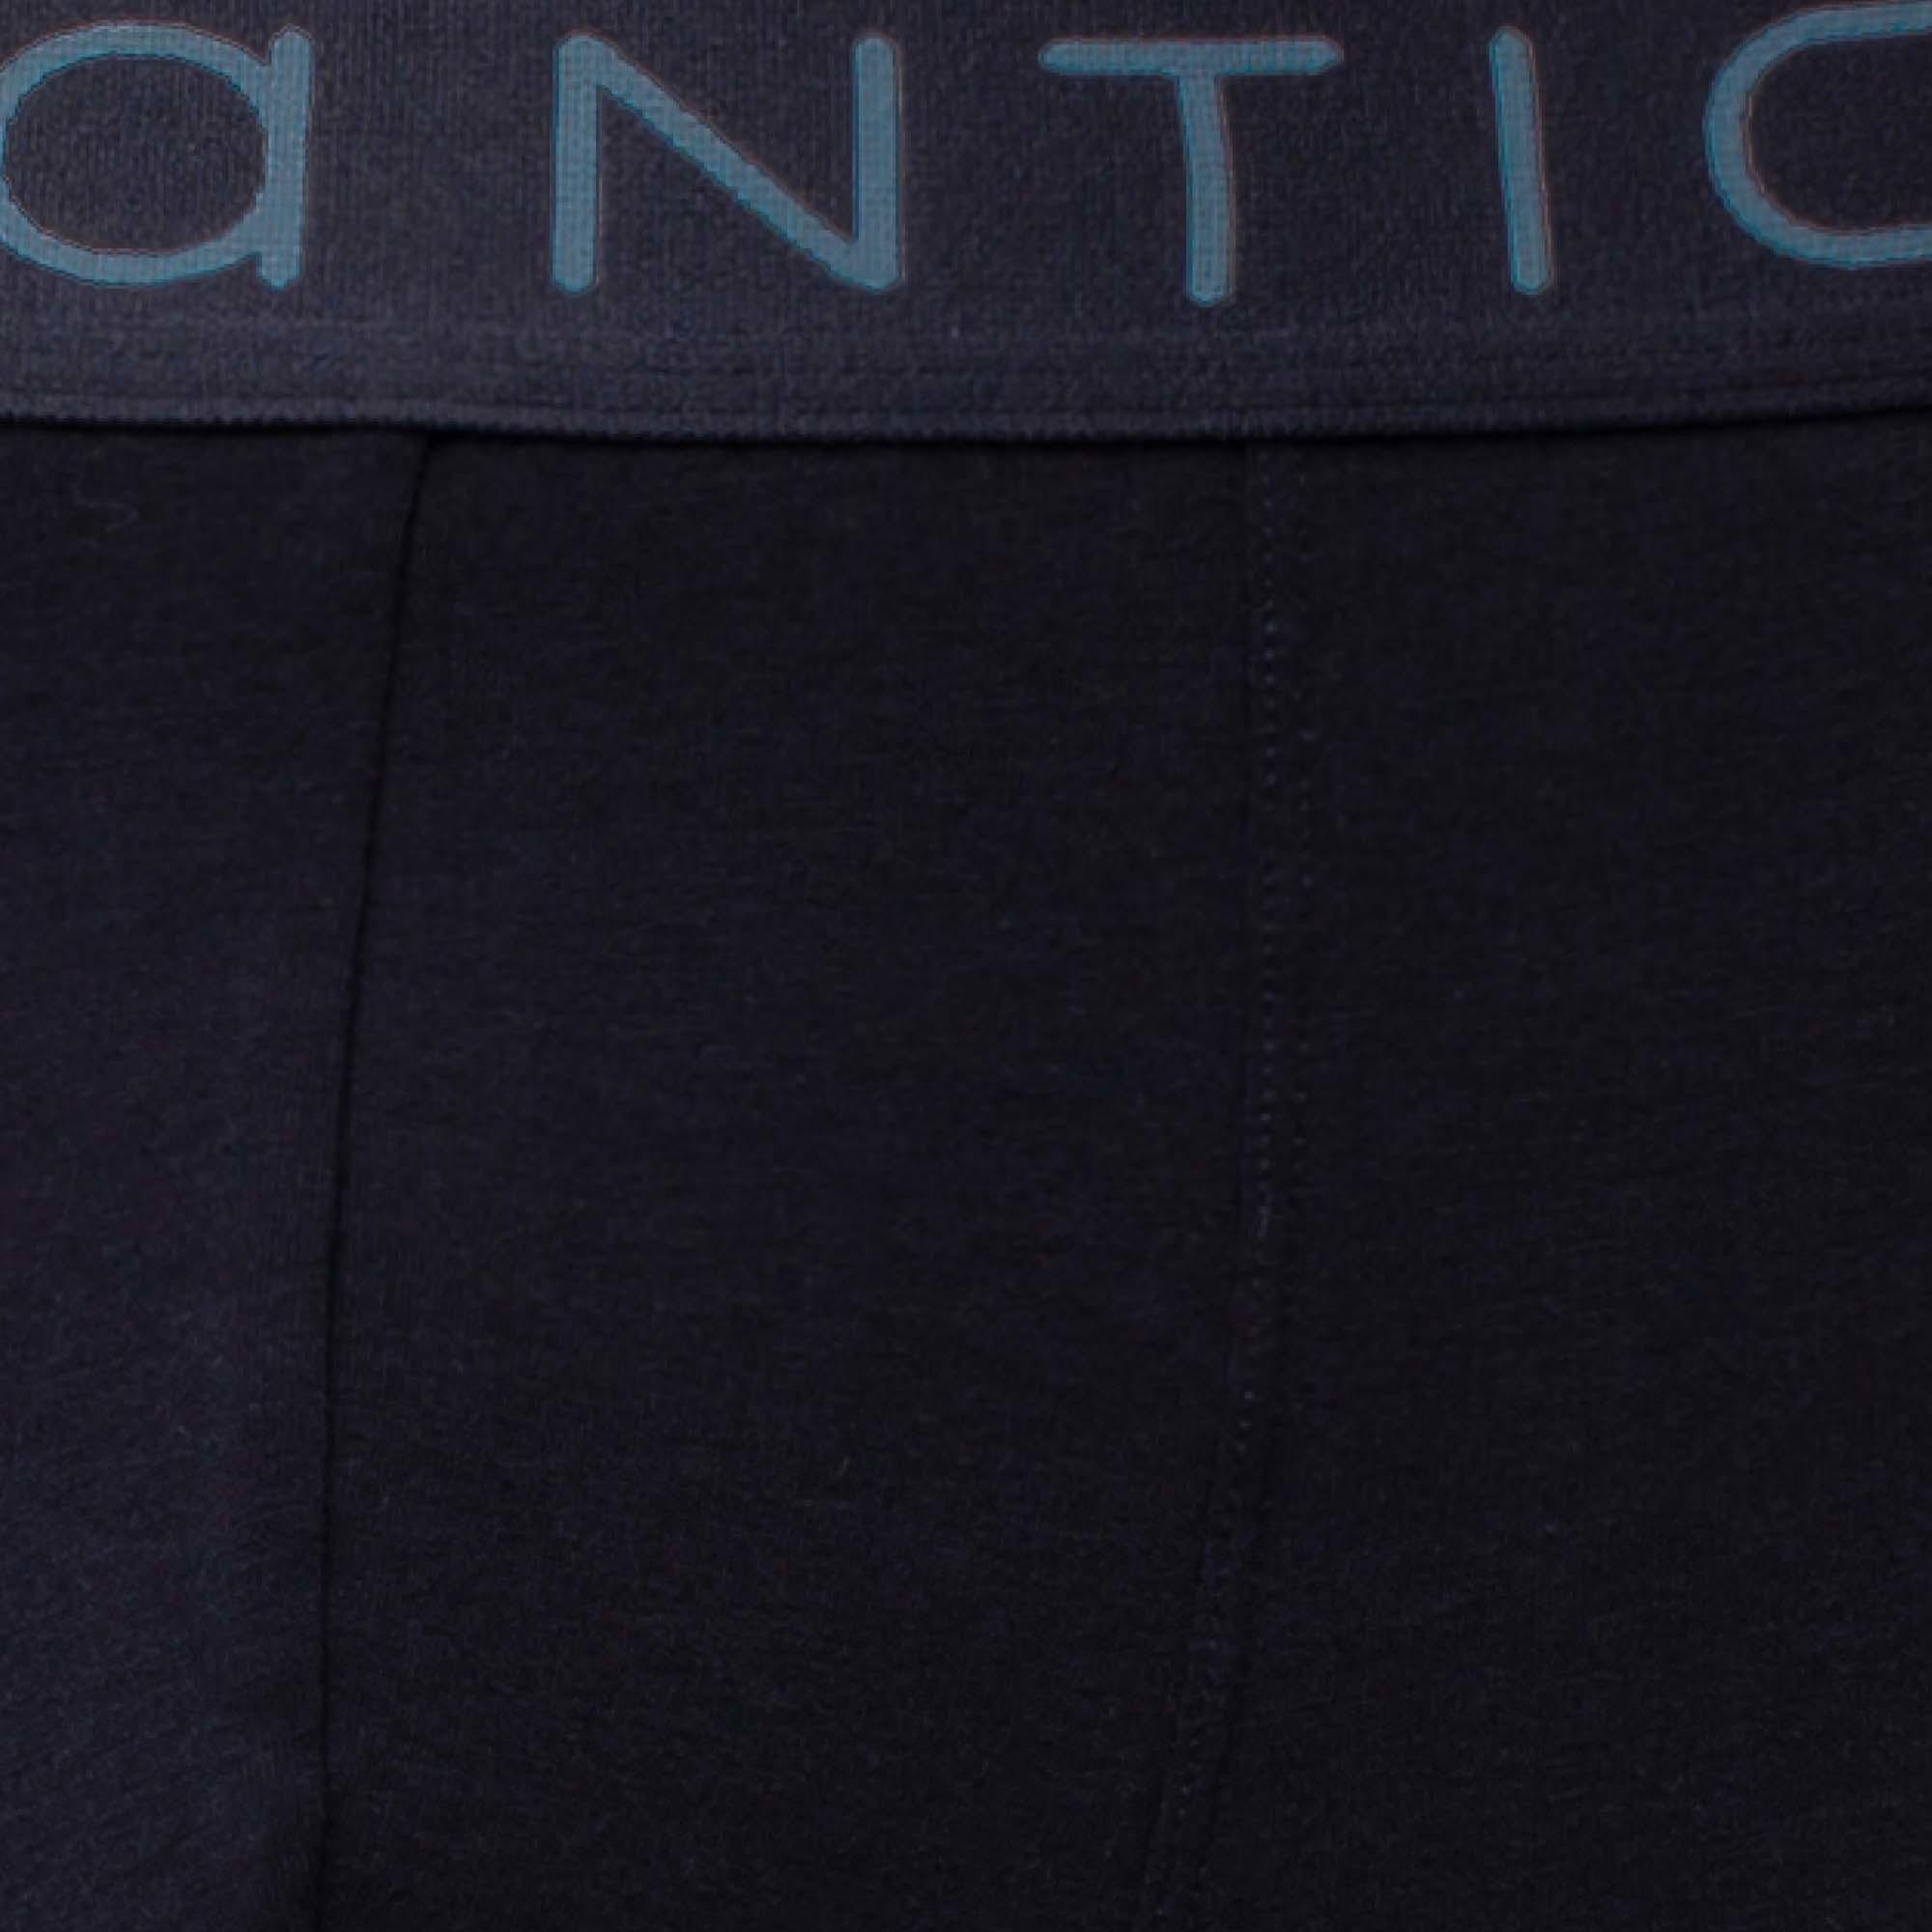 Трусы мужские шорты MH-1110 хлопок